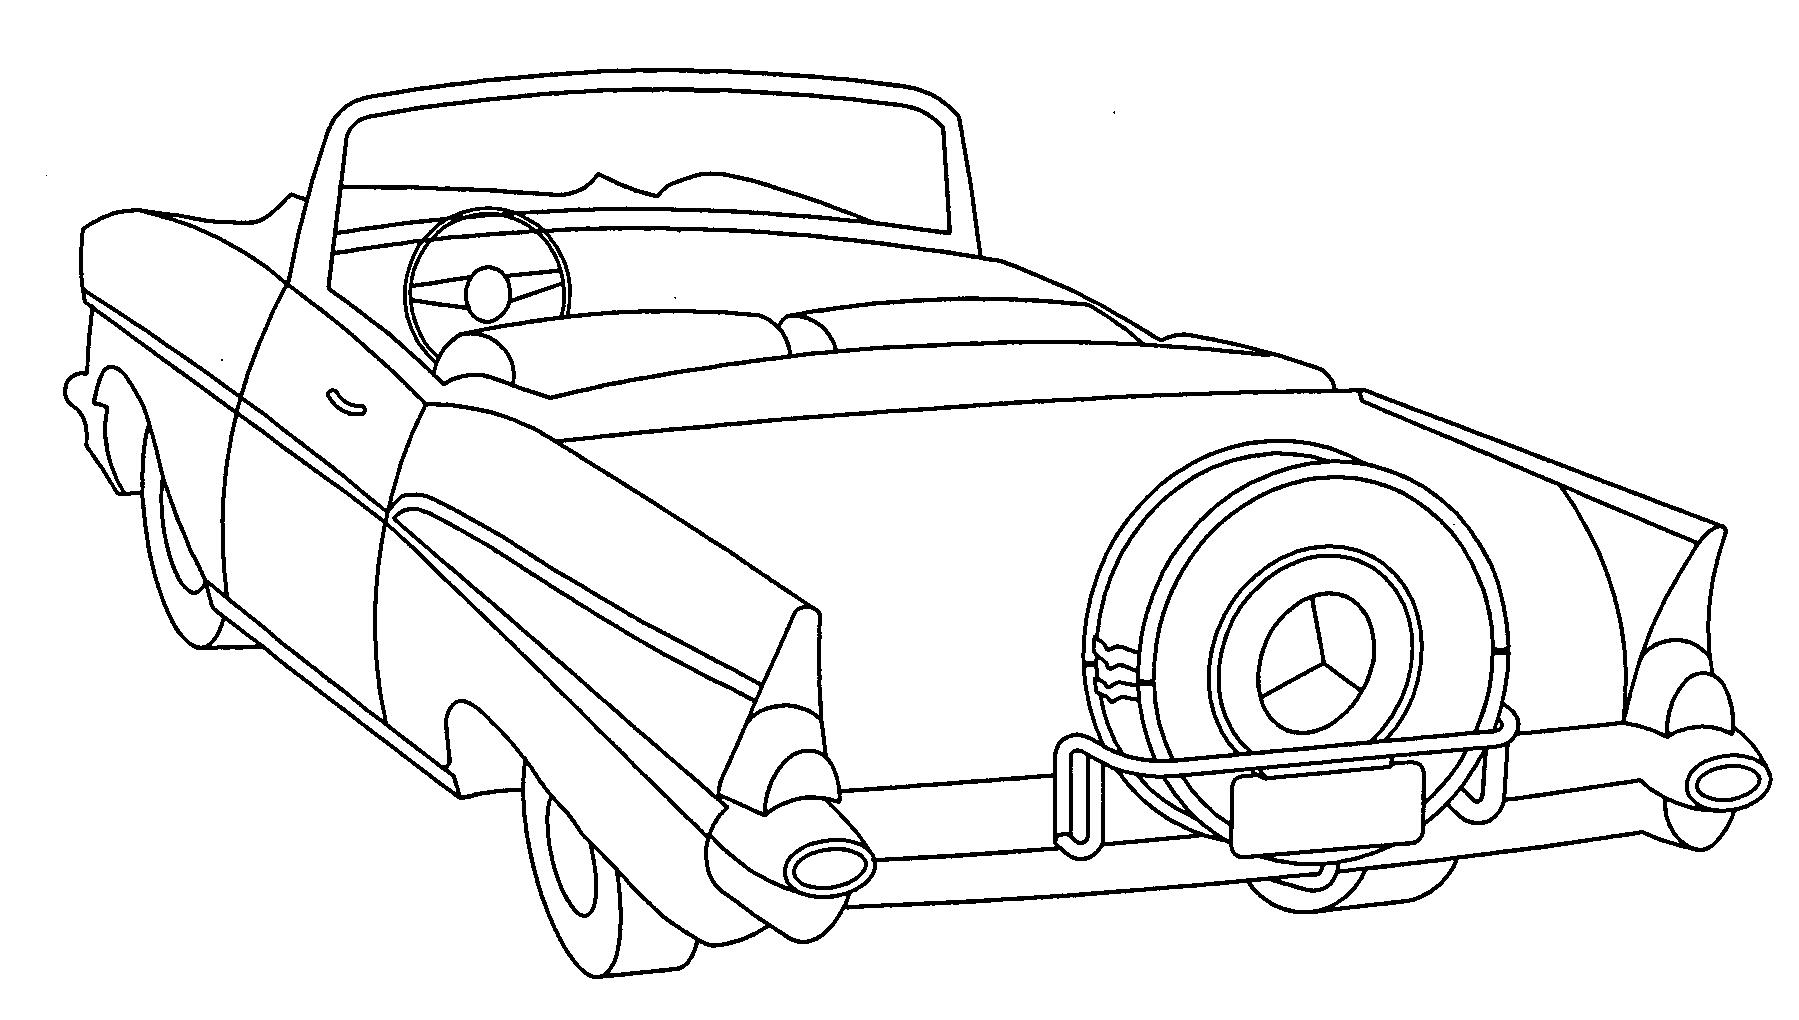 car dashboard sketch templates. Black Bedroom Furniture Sets. Home Design Ideas